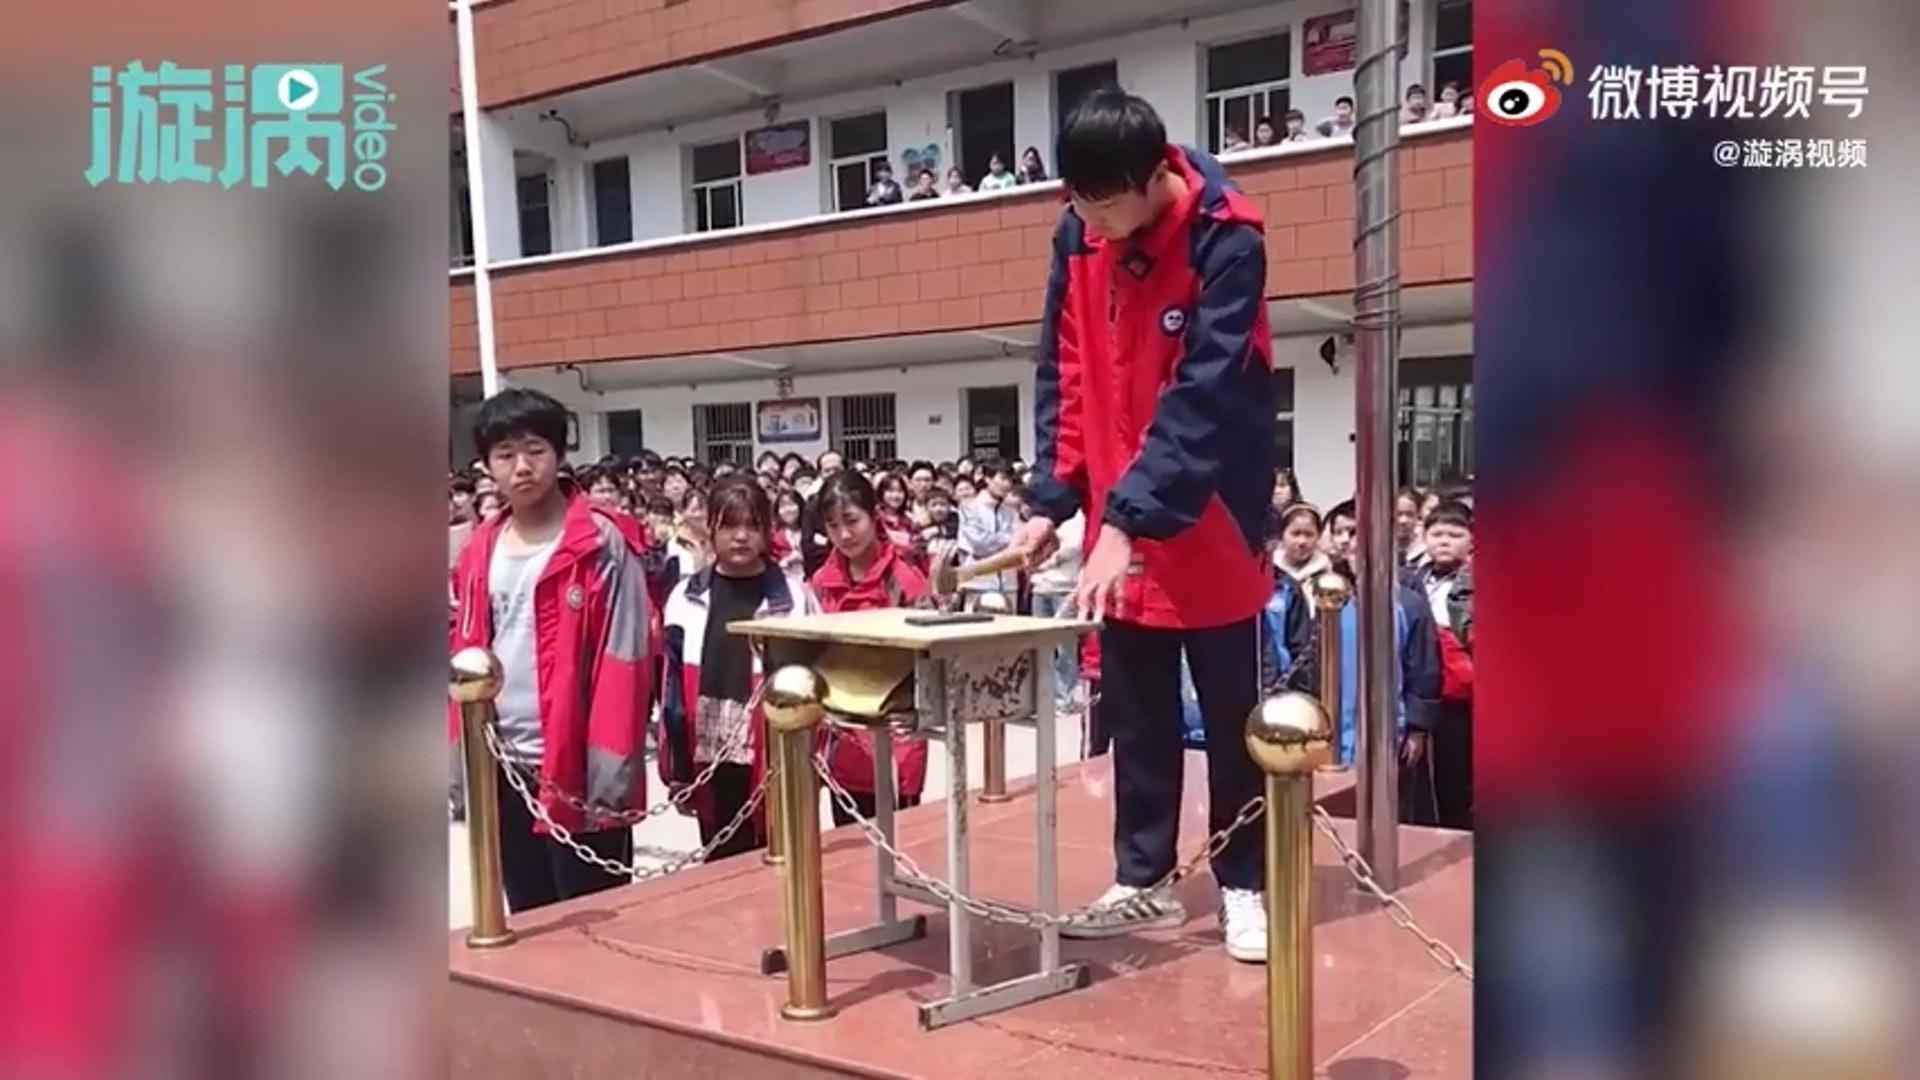 """河南中学办""""集体砸手机""""活动 让学生自己砸烂 师生围观"""